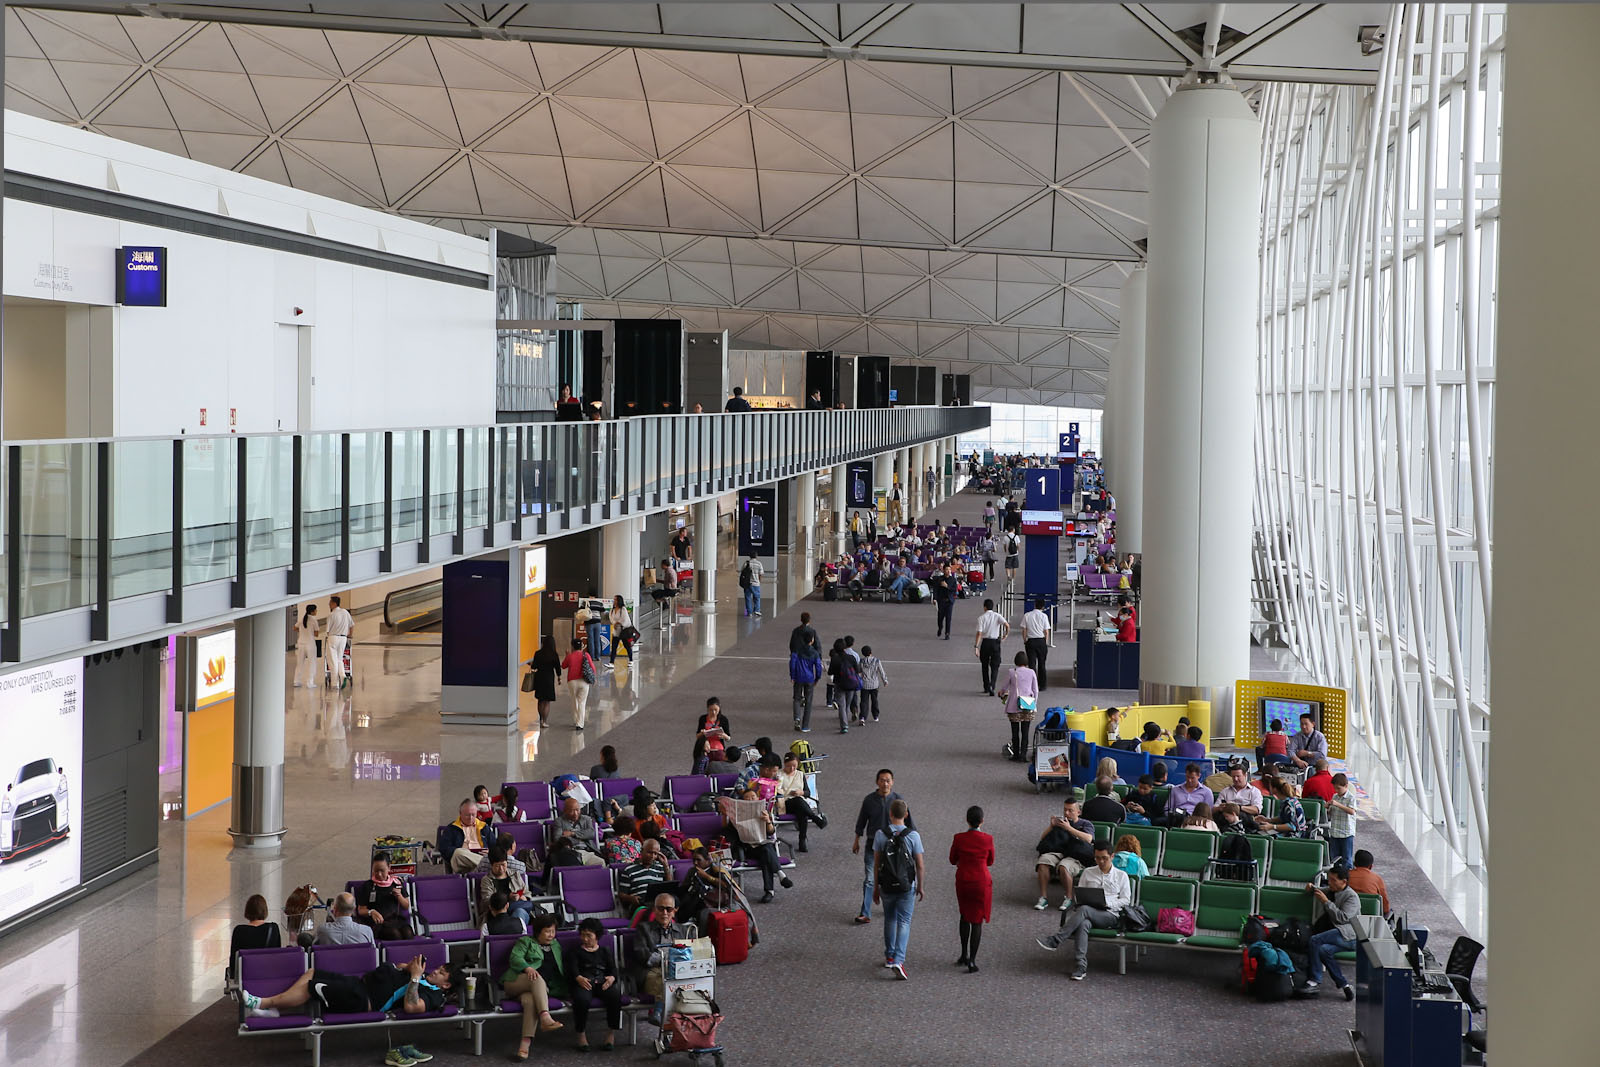 Выходы на посадку в терминале 1 аэропорта Гонконг